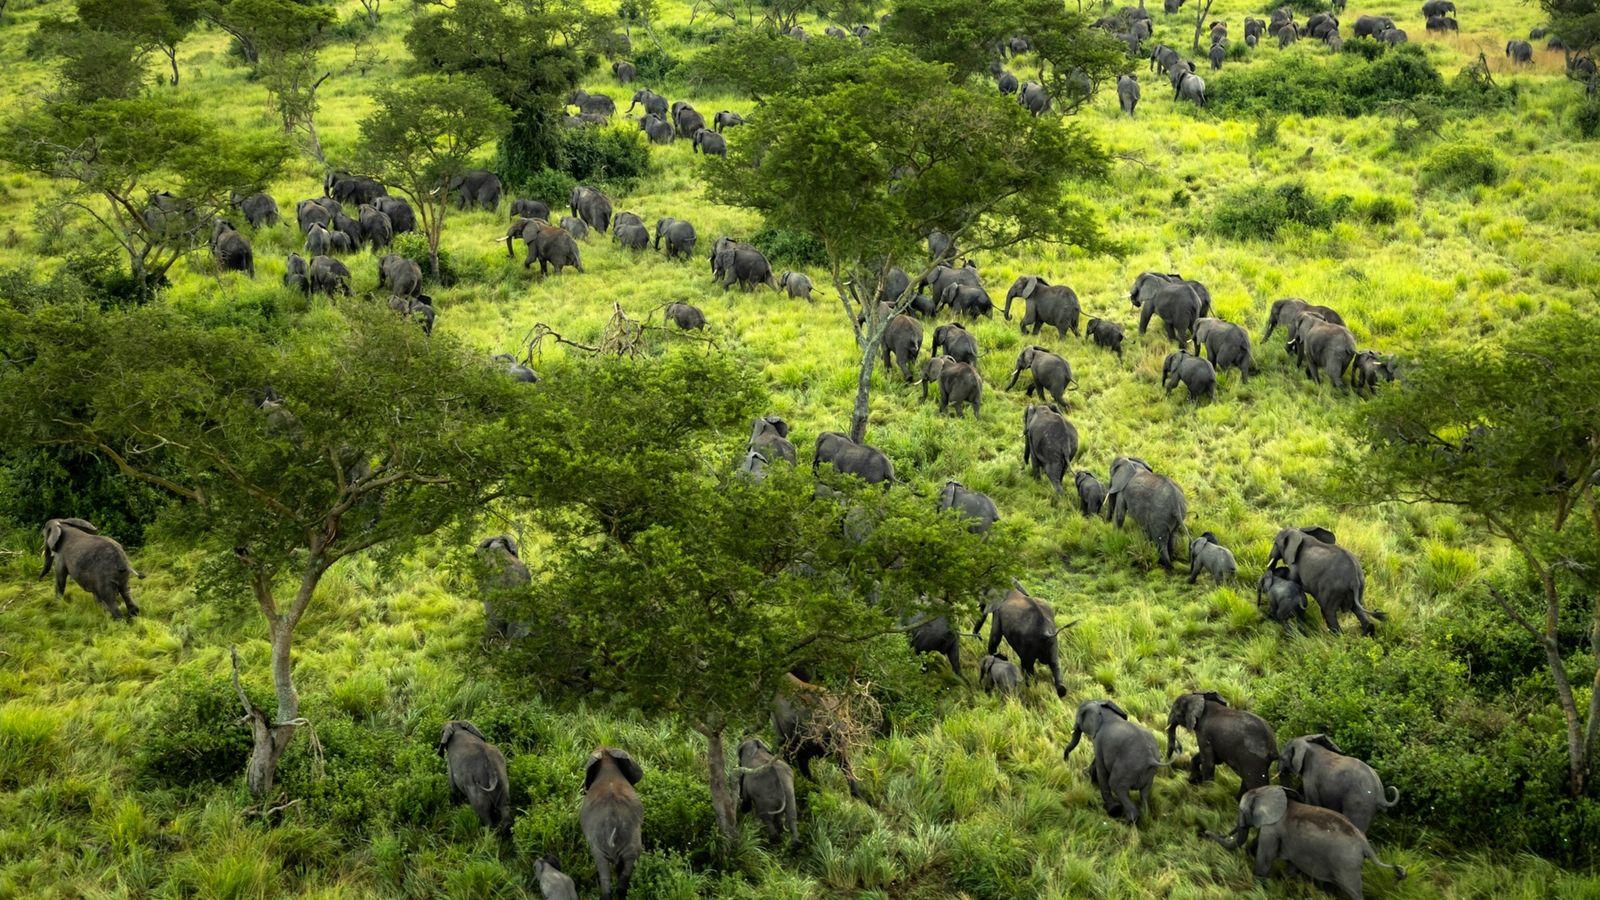 Virunga Elephants Lead